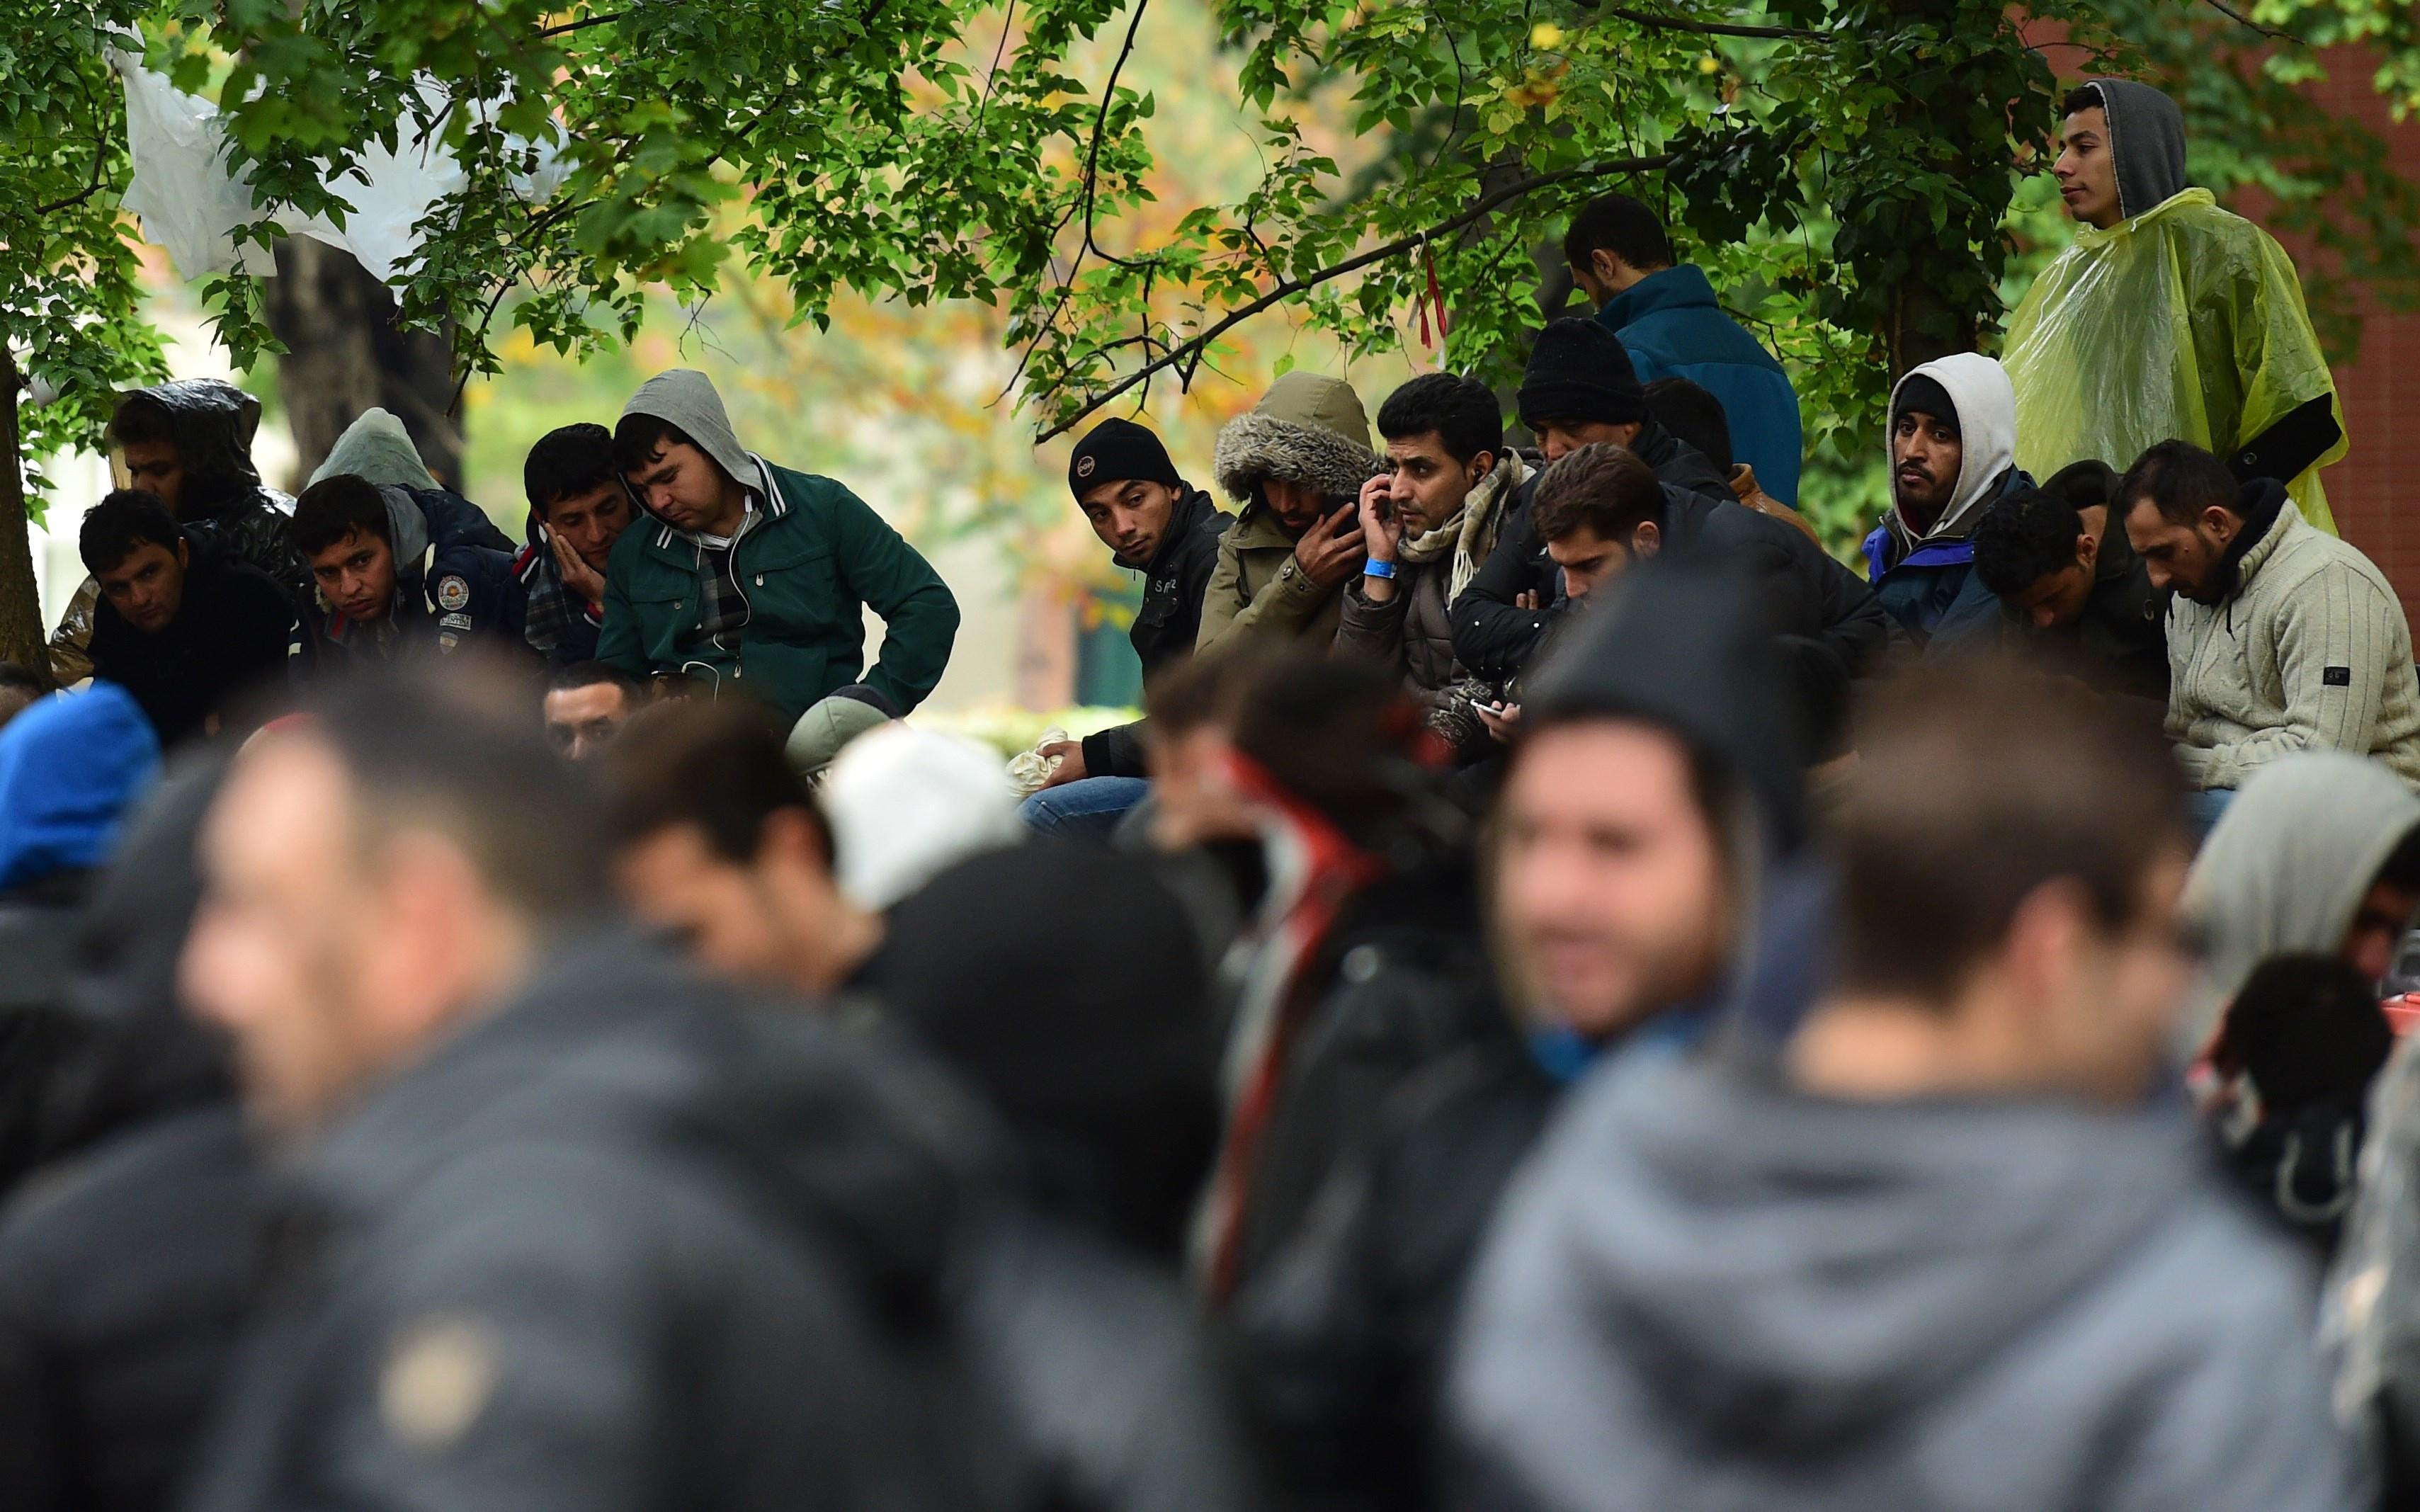 Offener Brief an OB: Flüchtlings-Initiativen drohen Arbeit einzuschränken